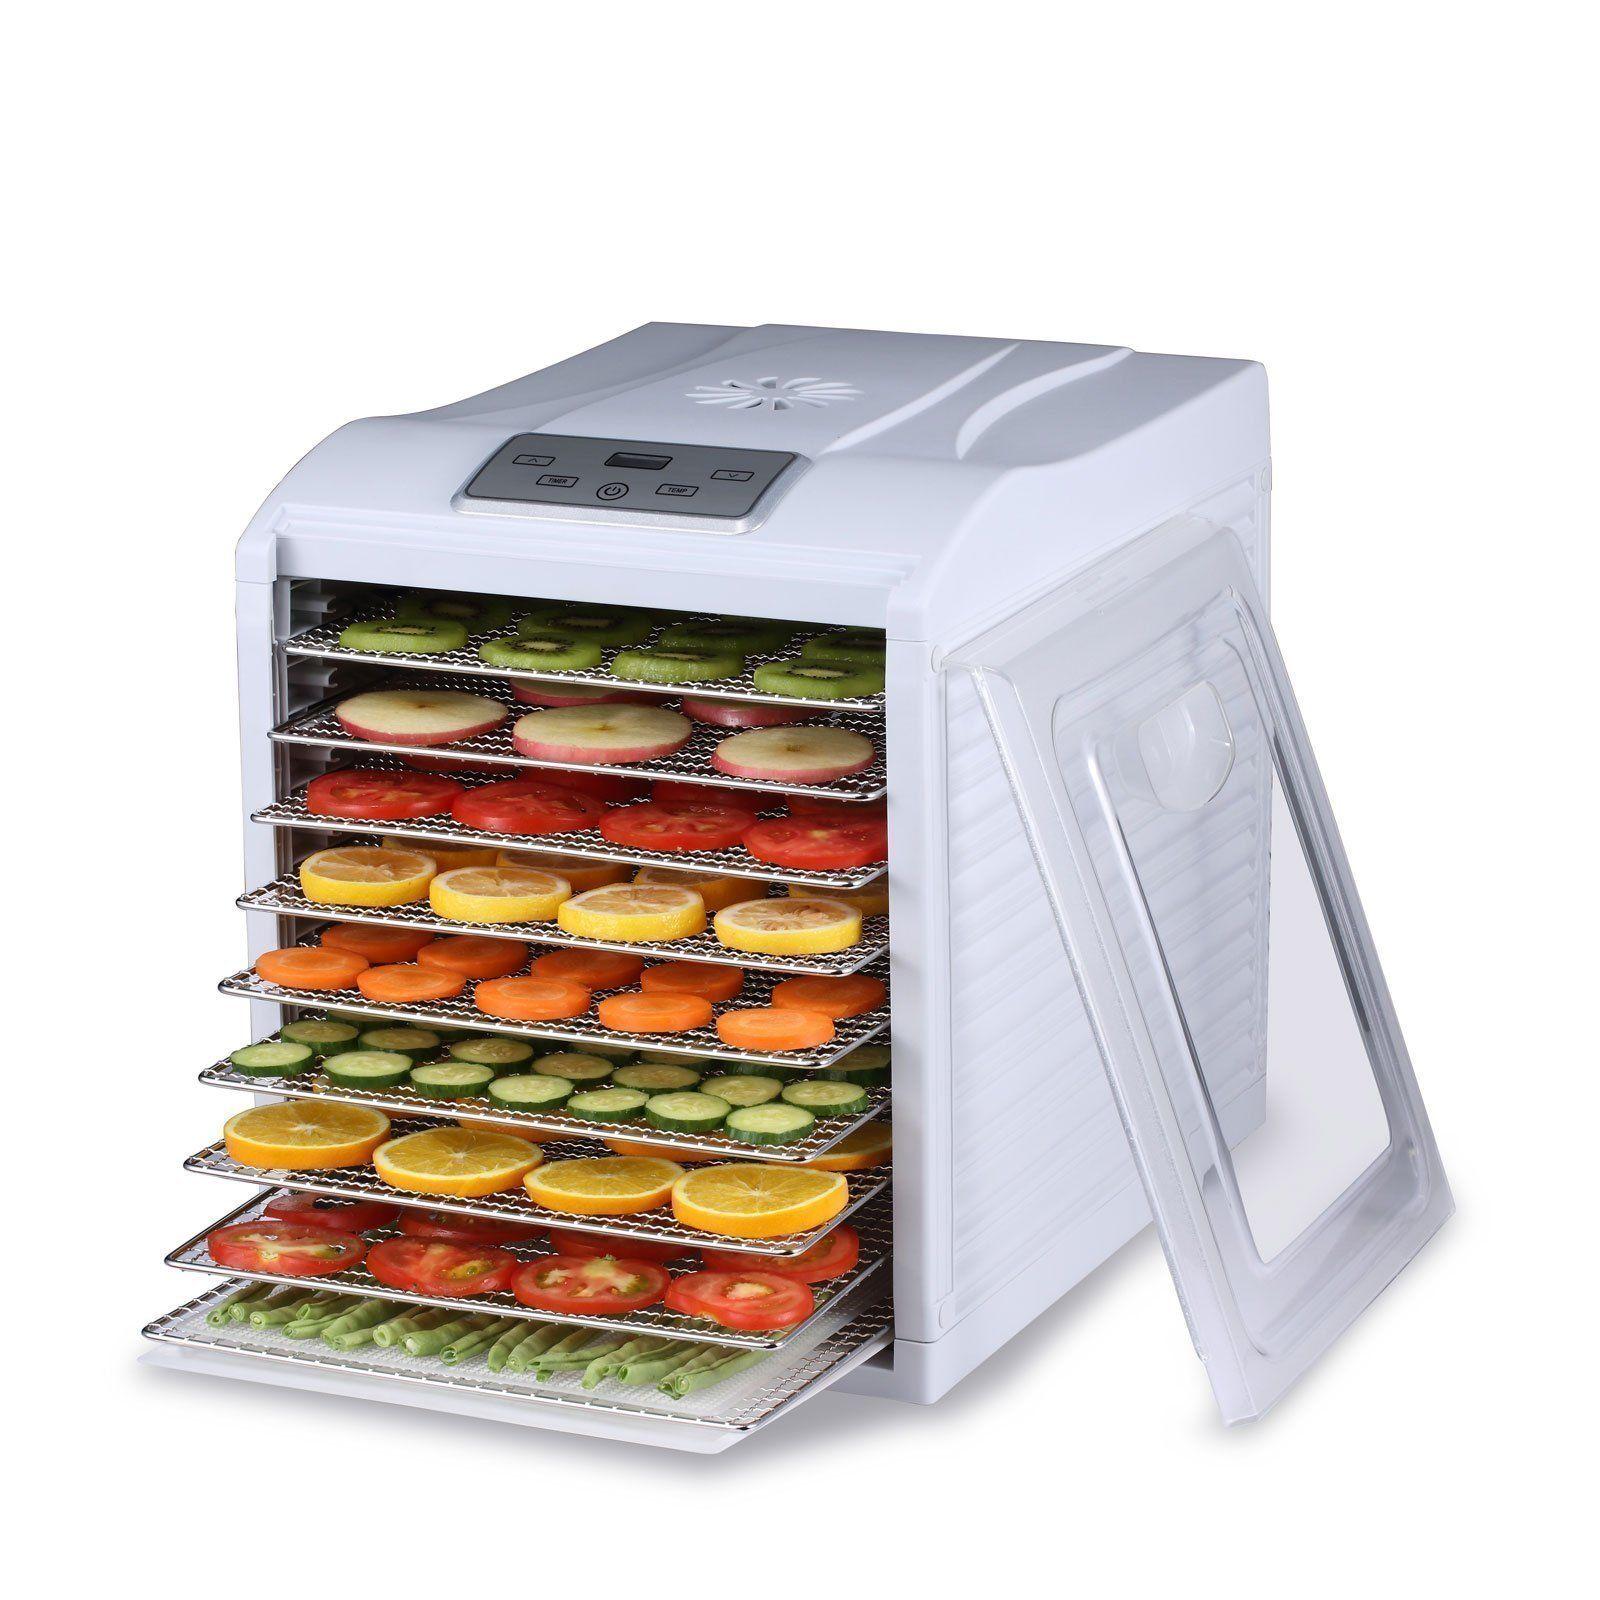 Biochef arizona sol 9 tray food dehydrator dehydrator